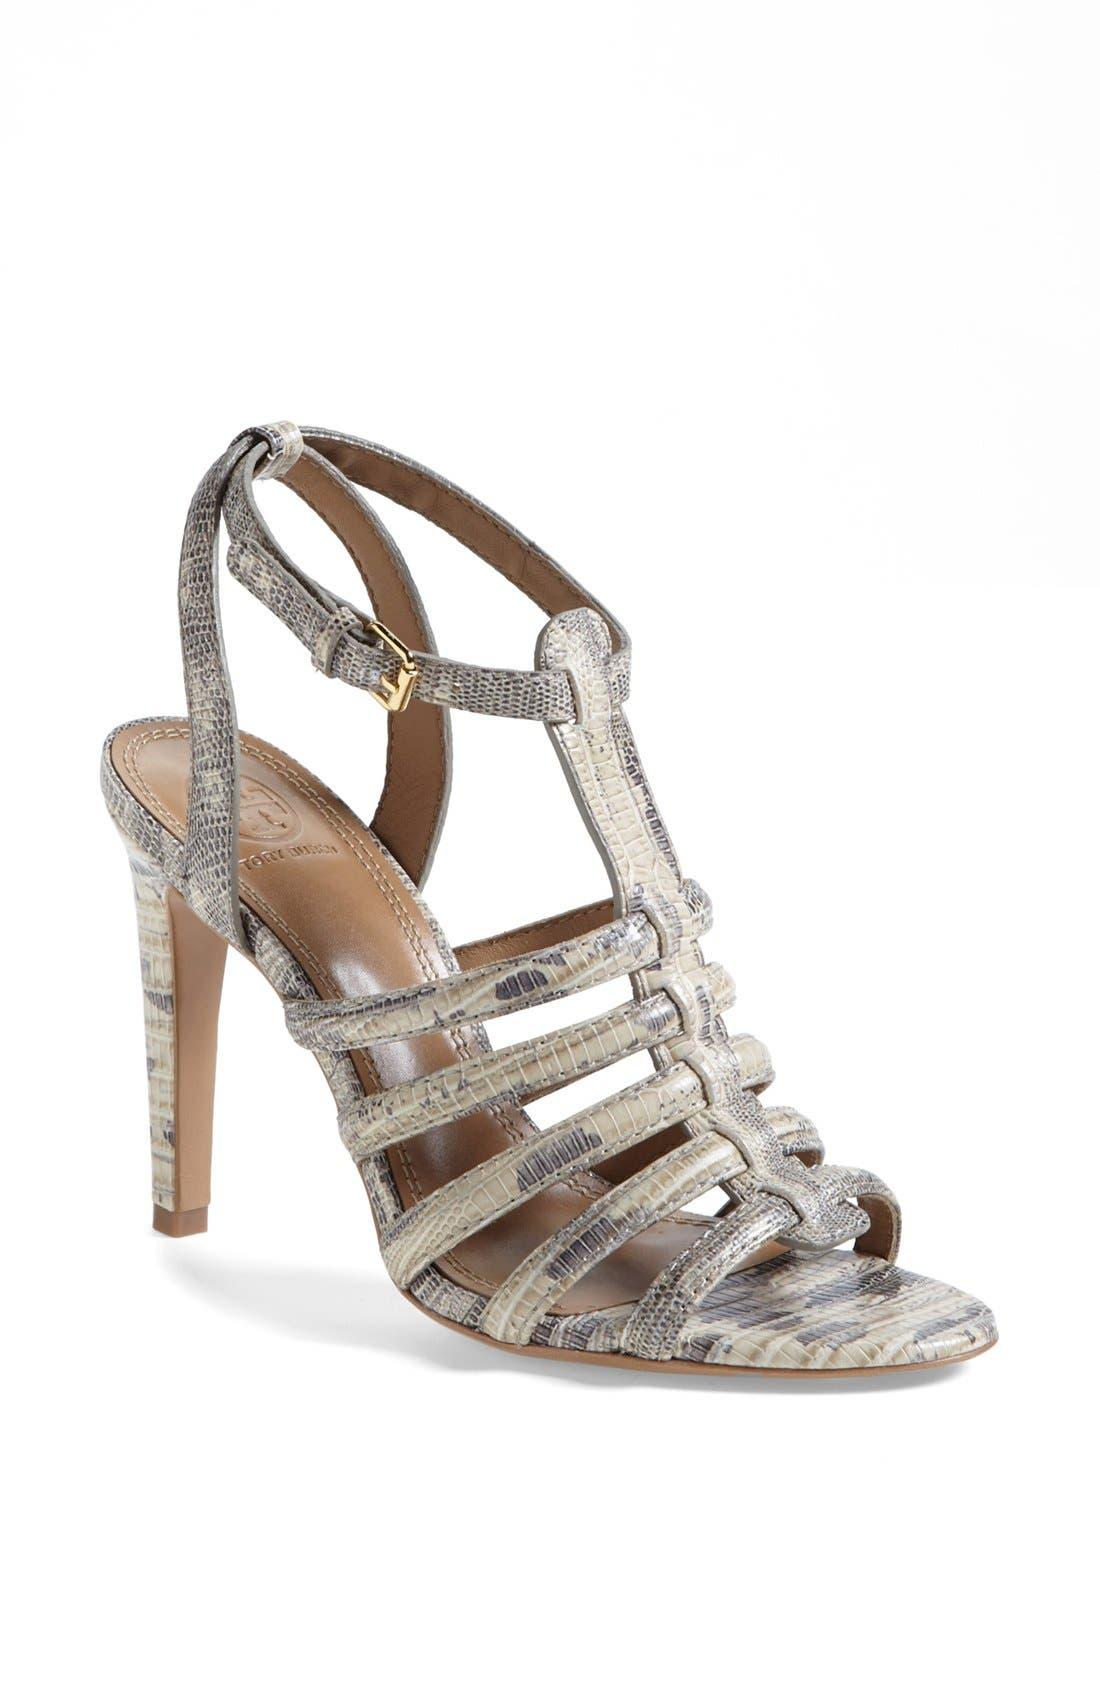 Alternate Image 1 Selected - Tory Burch 'Charlene' Sandal